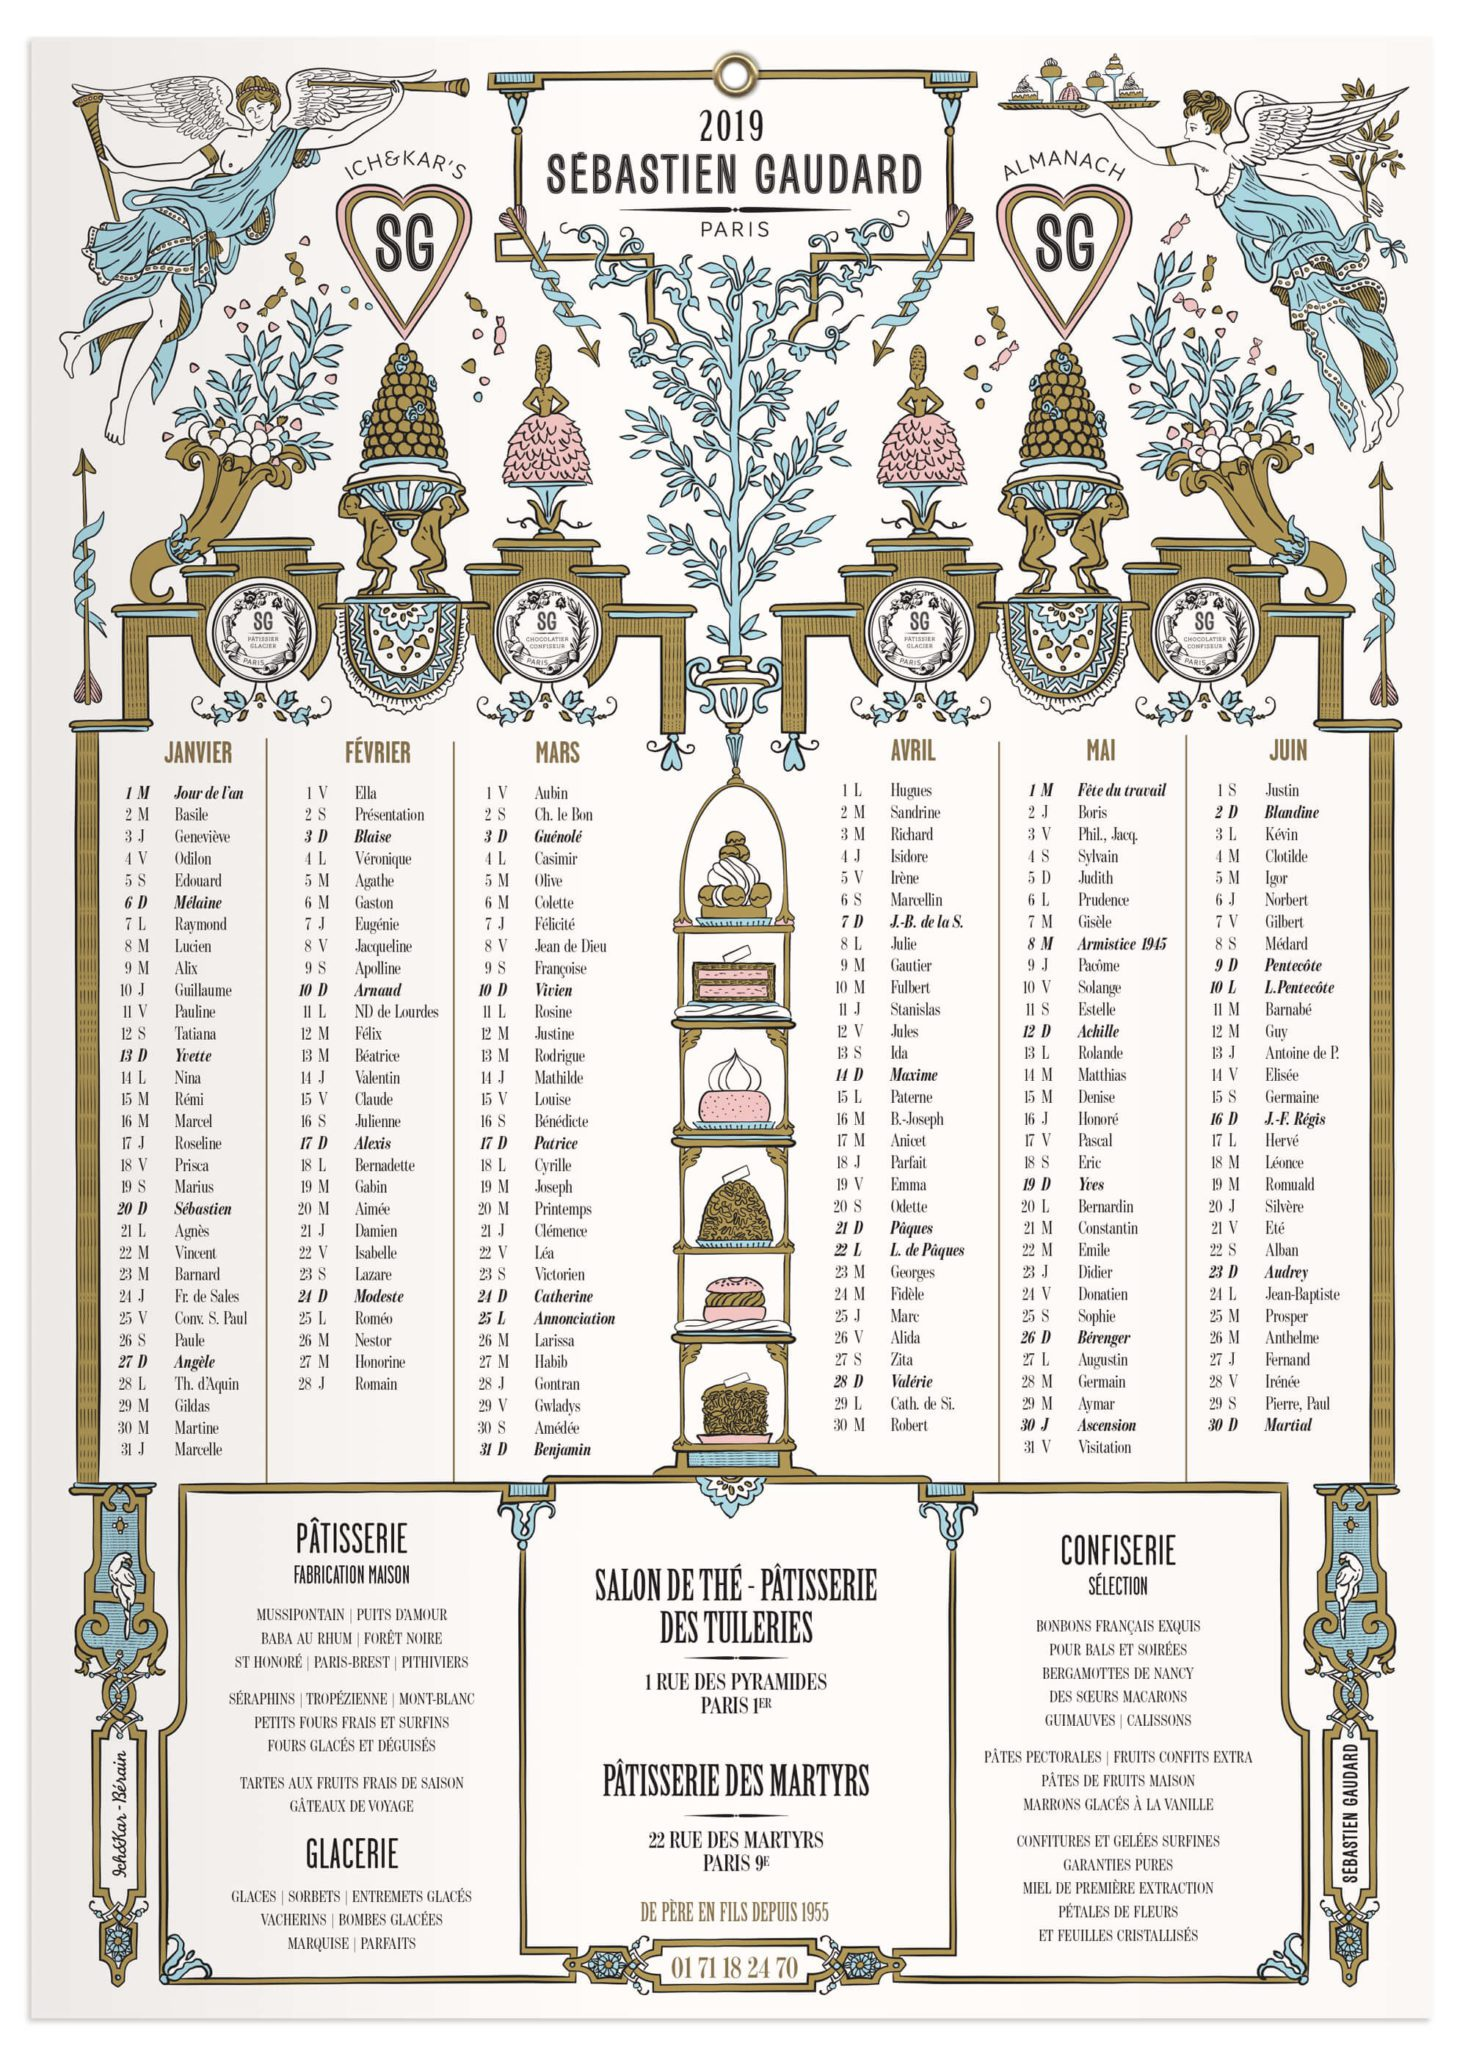 Un almanach 2019 sous le signe de l'amour, illustré par le studio Ich&Kar pour le patissier Sébastien Gaudard